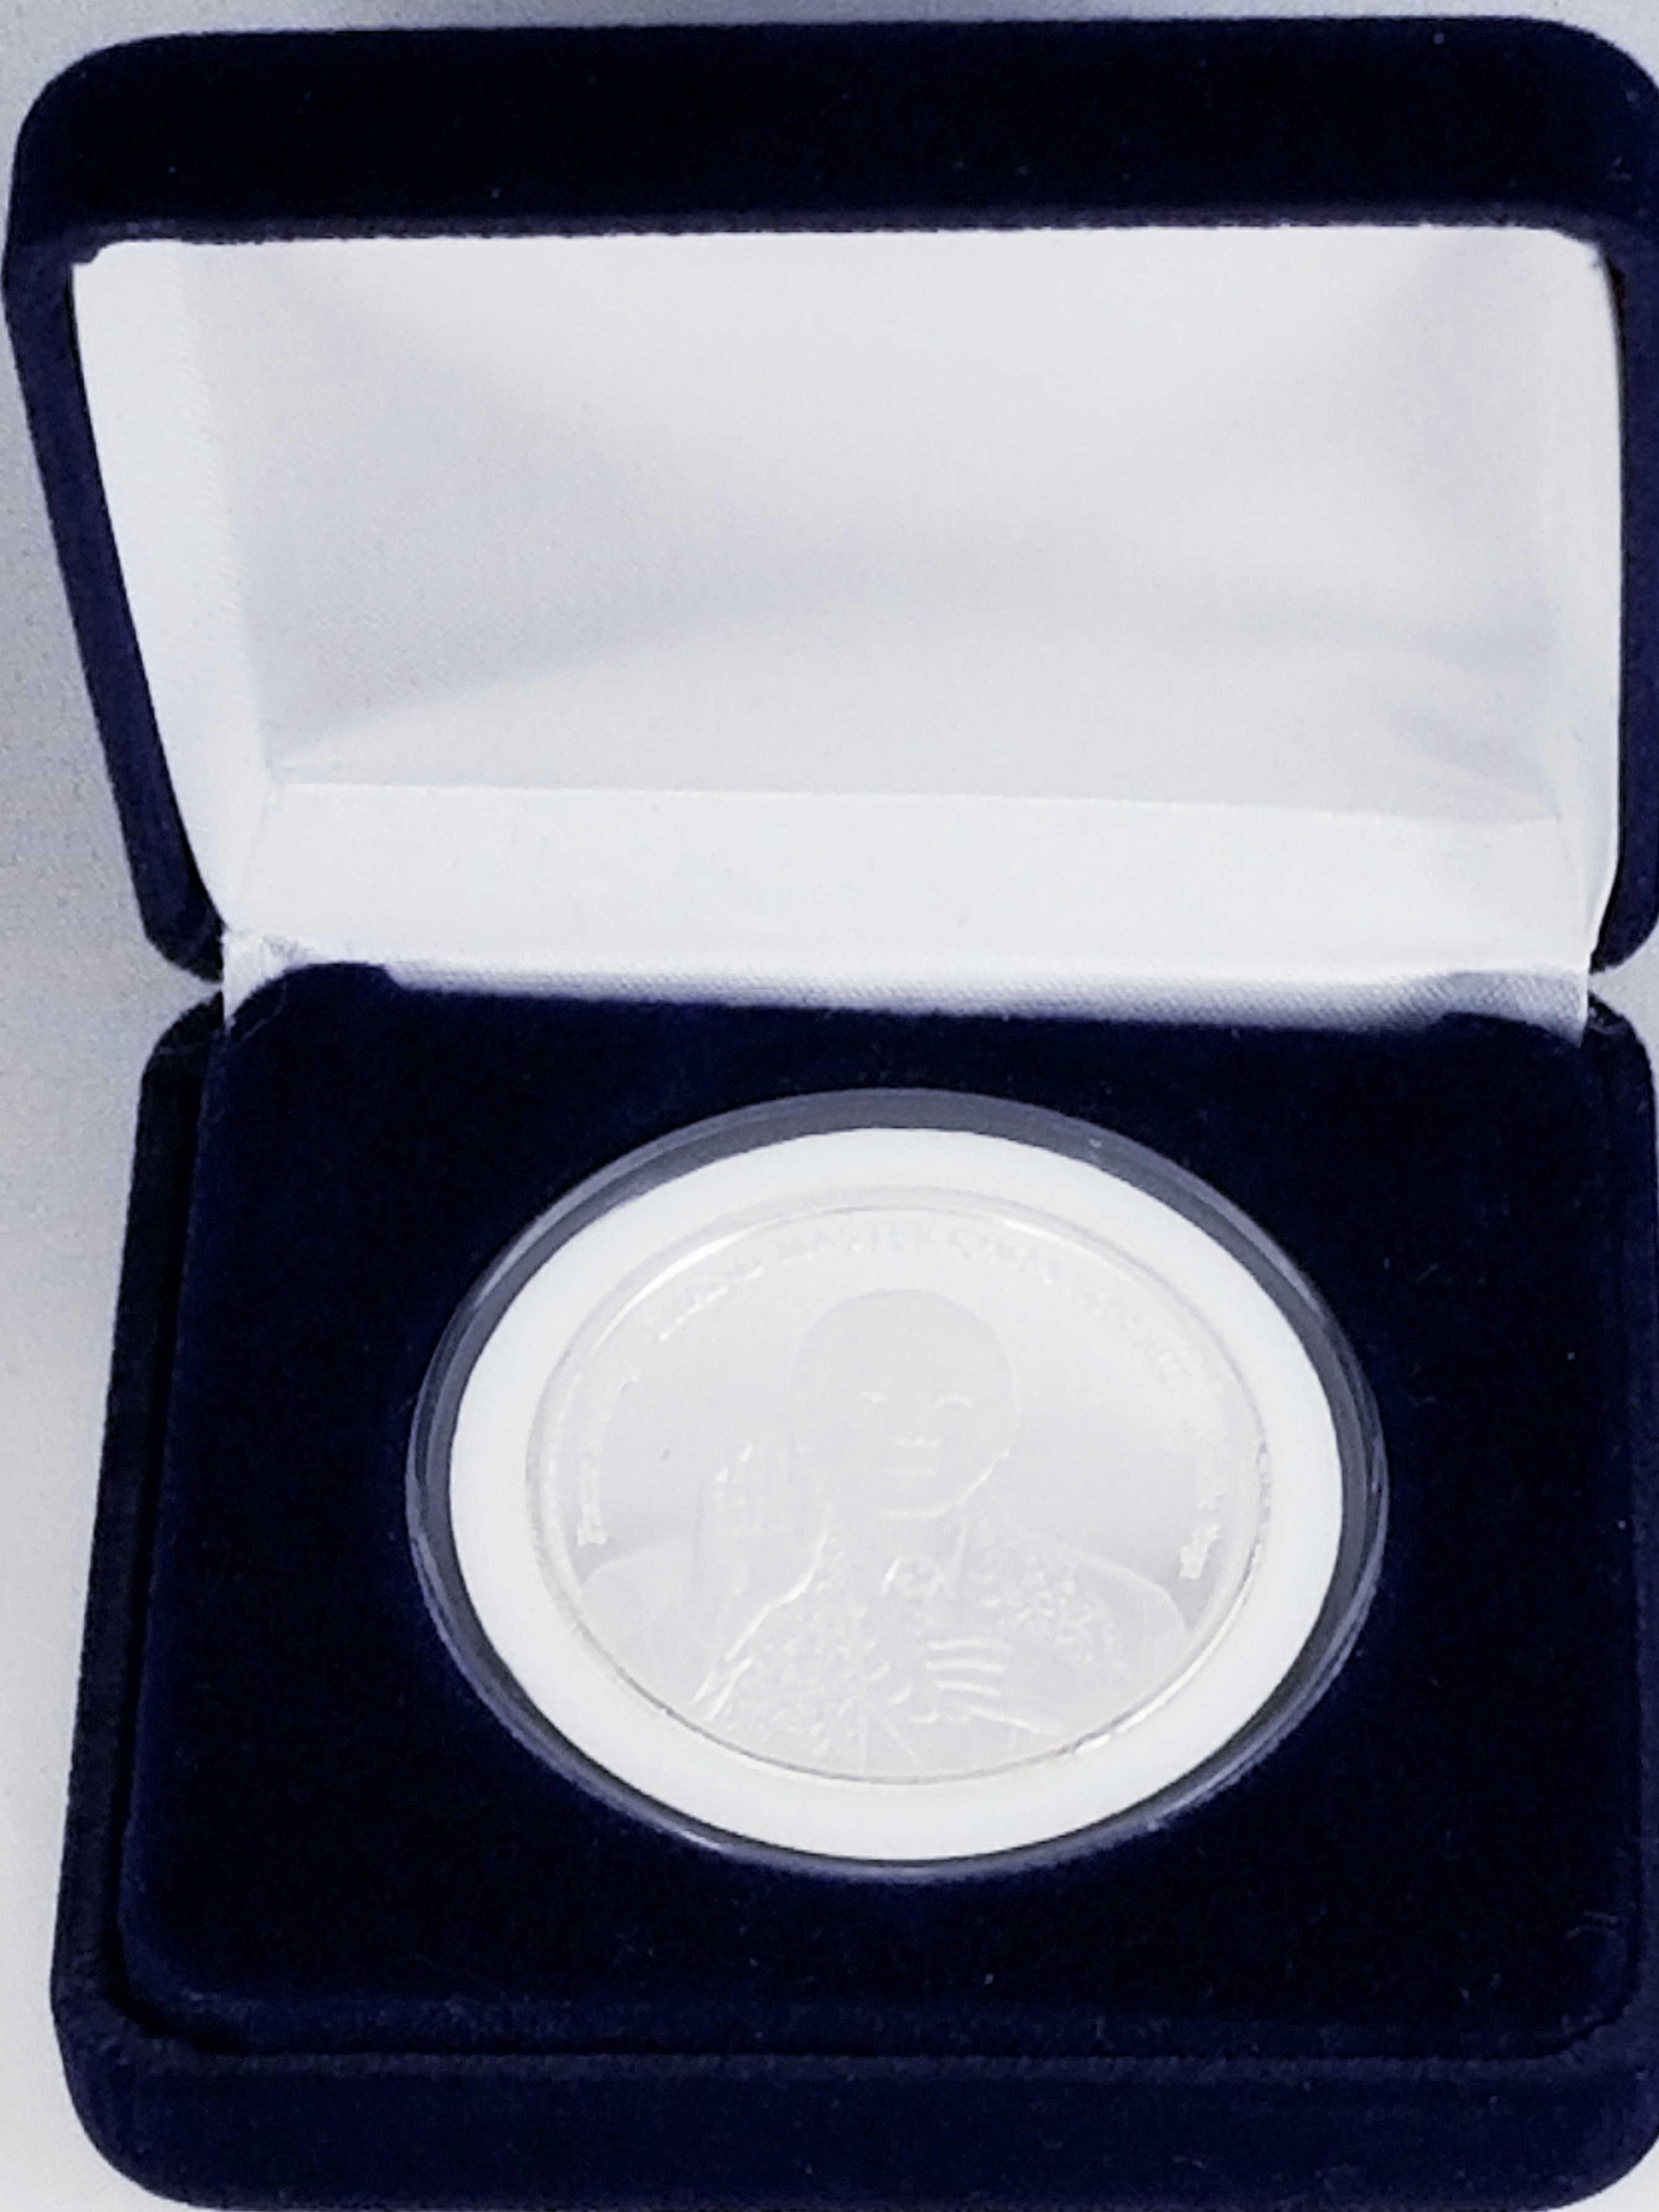 MCKS Silver Coin